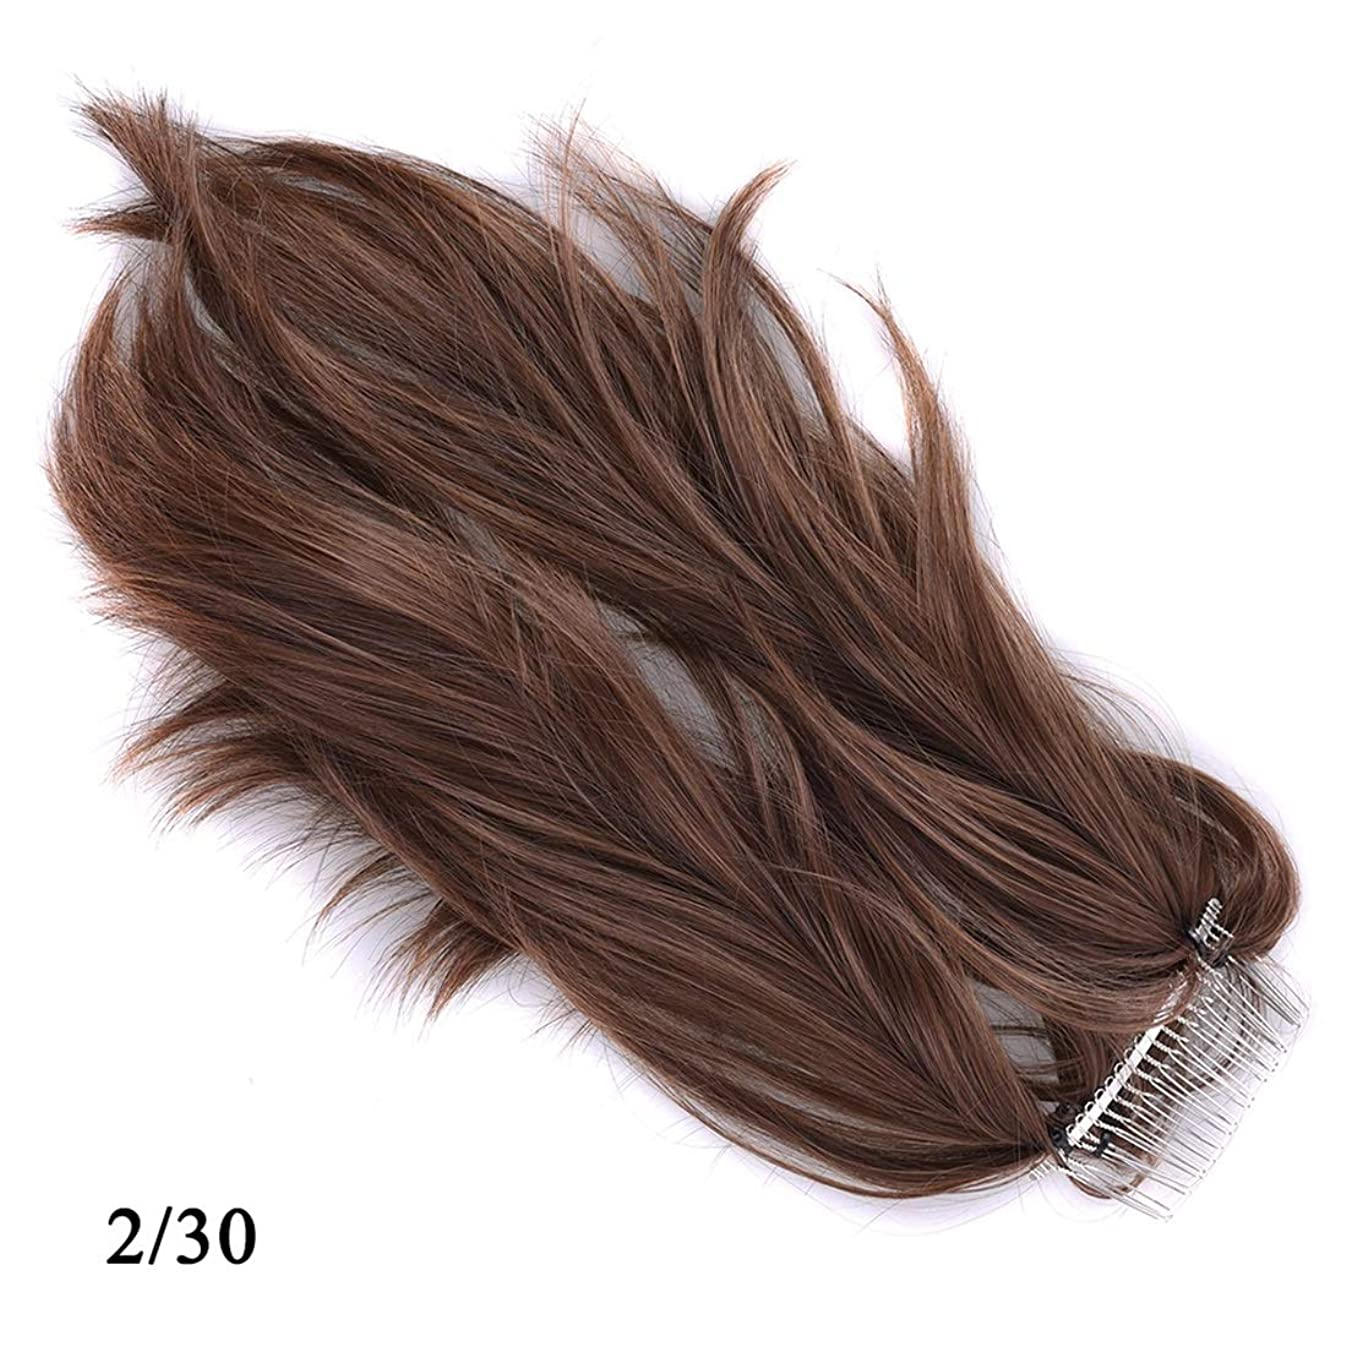 失望否定するフックJIANFU かつらヘアリング様々な柔軟なポニーテールメタルプラグコムポニーテール化学繊維ヘアエクステンションピース (Color : 2/30)